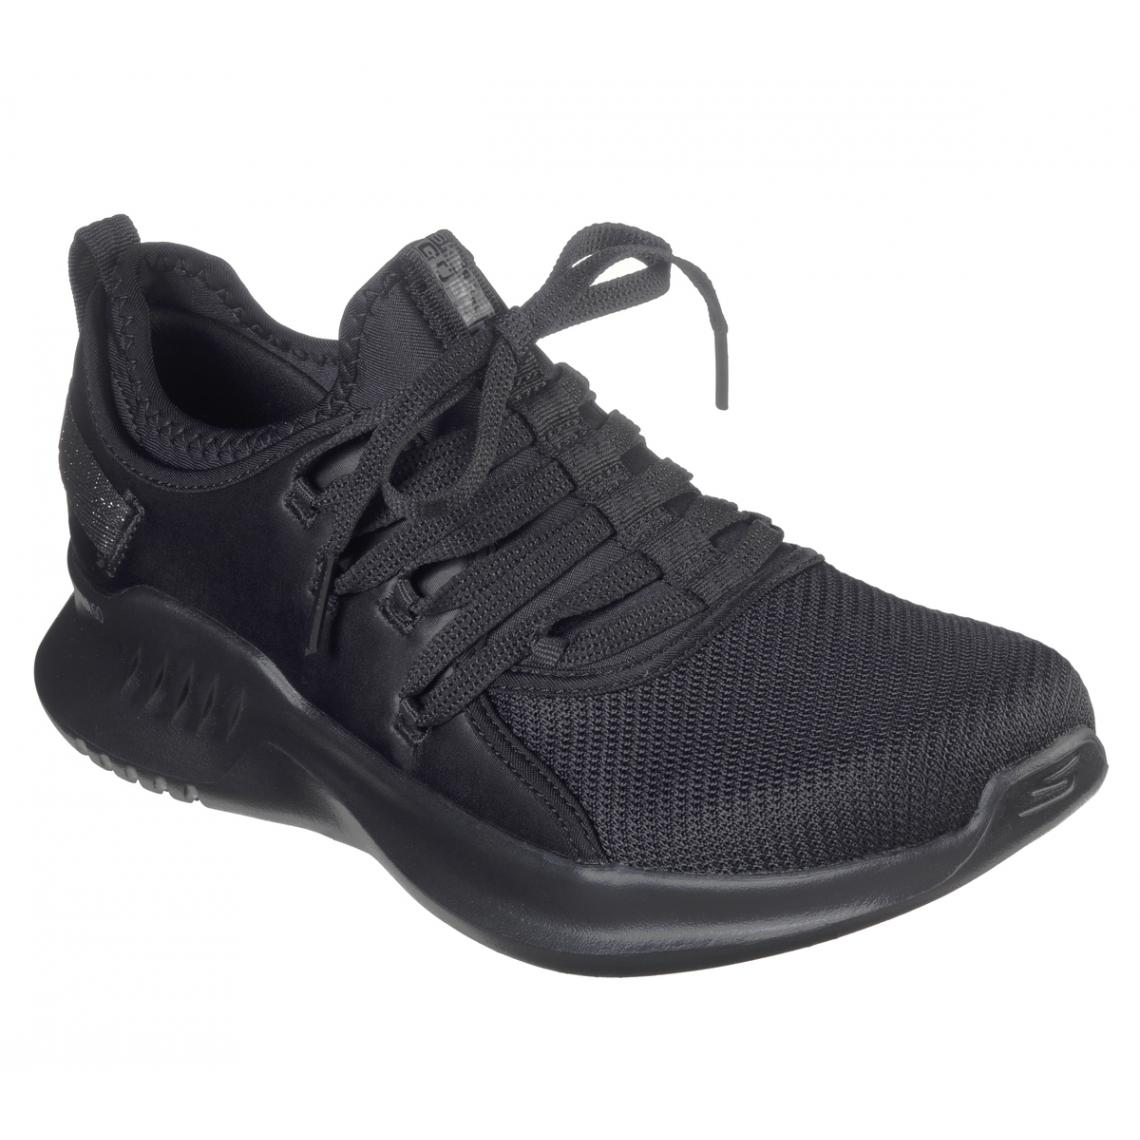 Promo : Baskets Basses Femme Noir - Skechers - Modalova